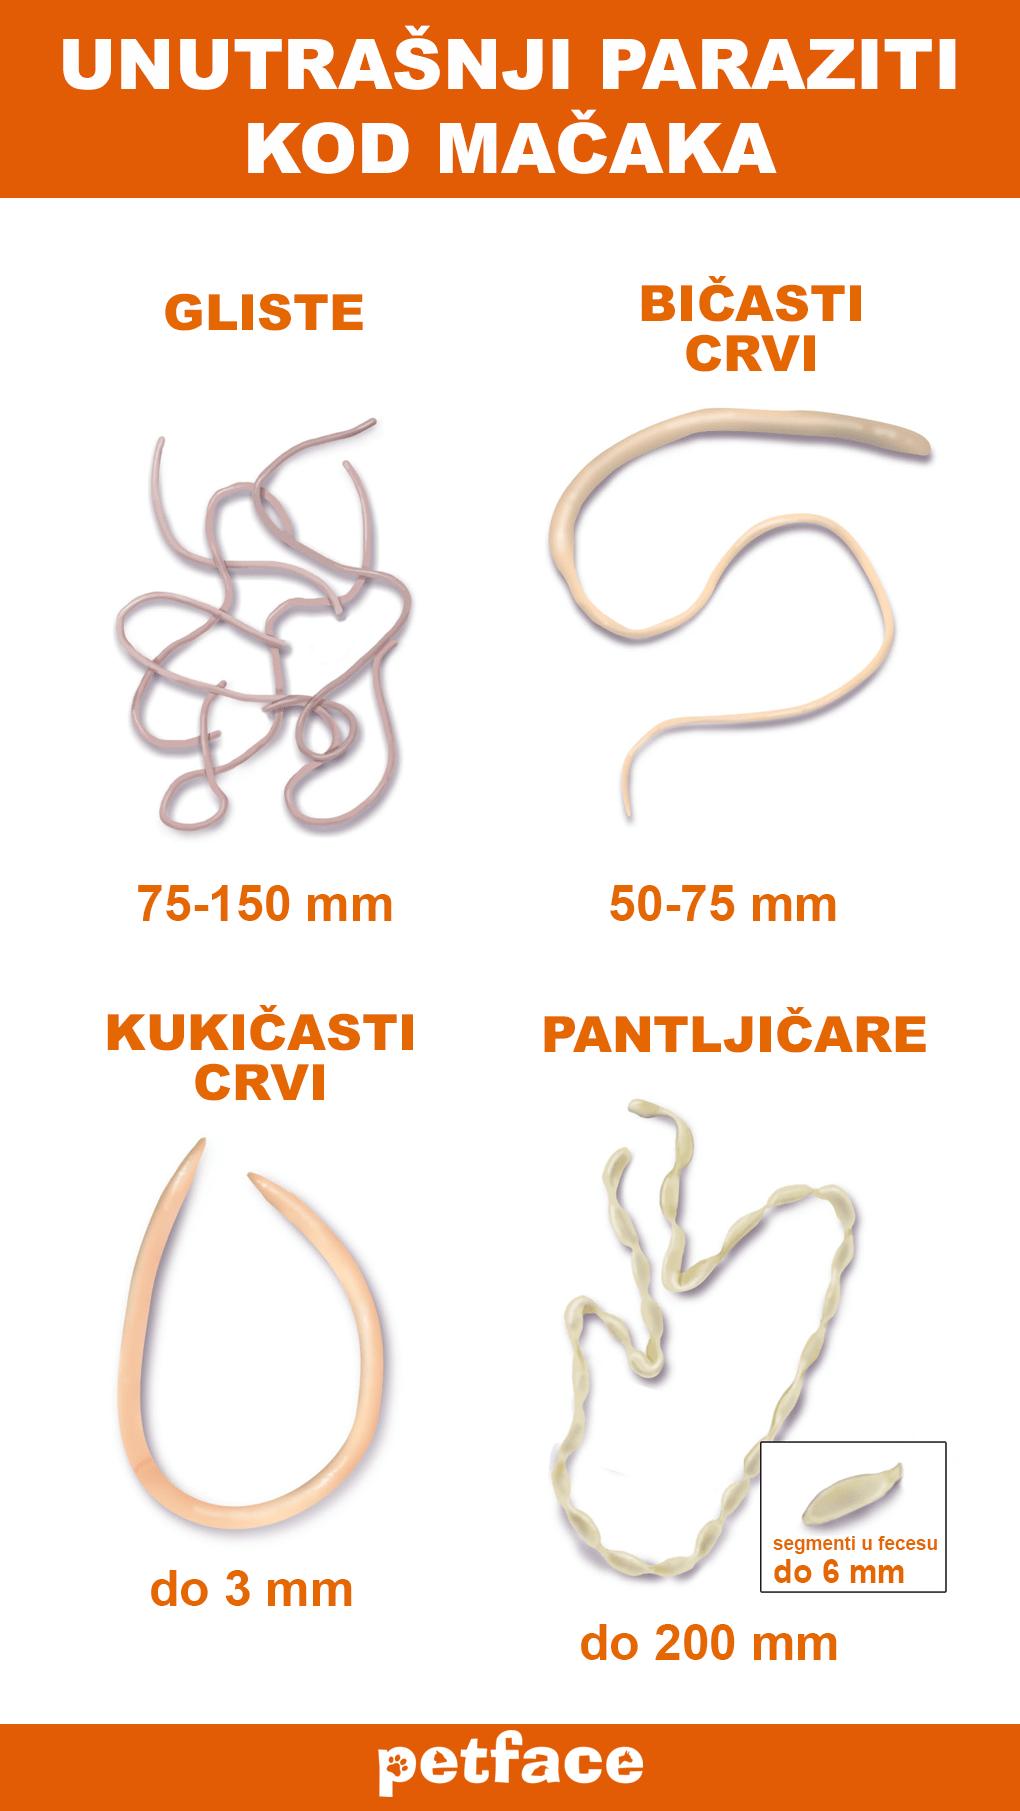 paraziti kod macke simptomi)